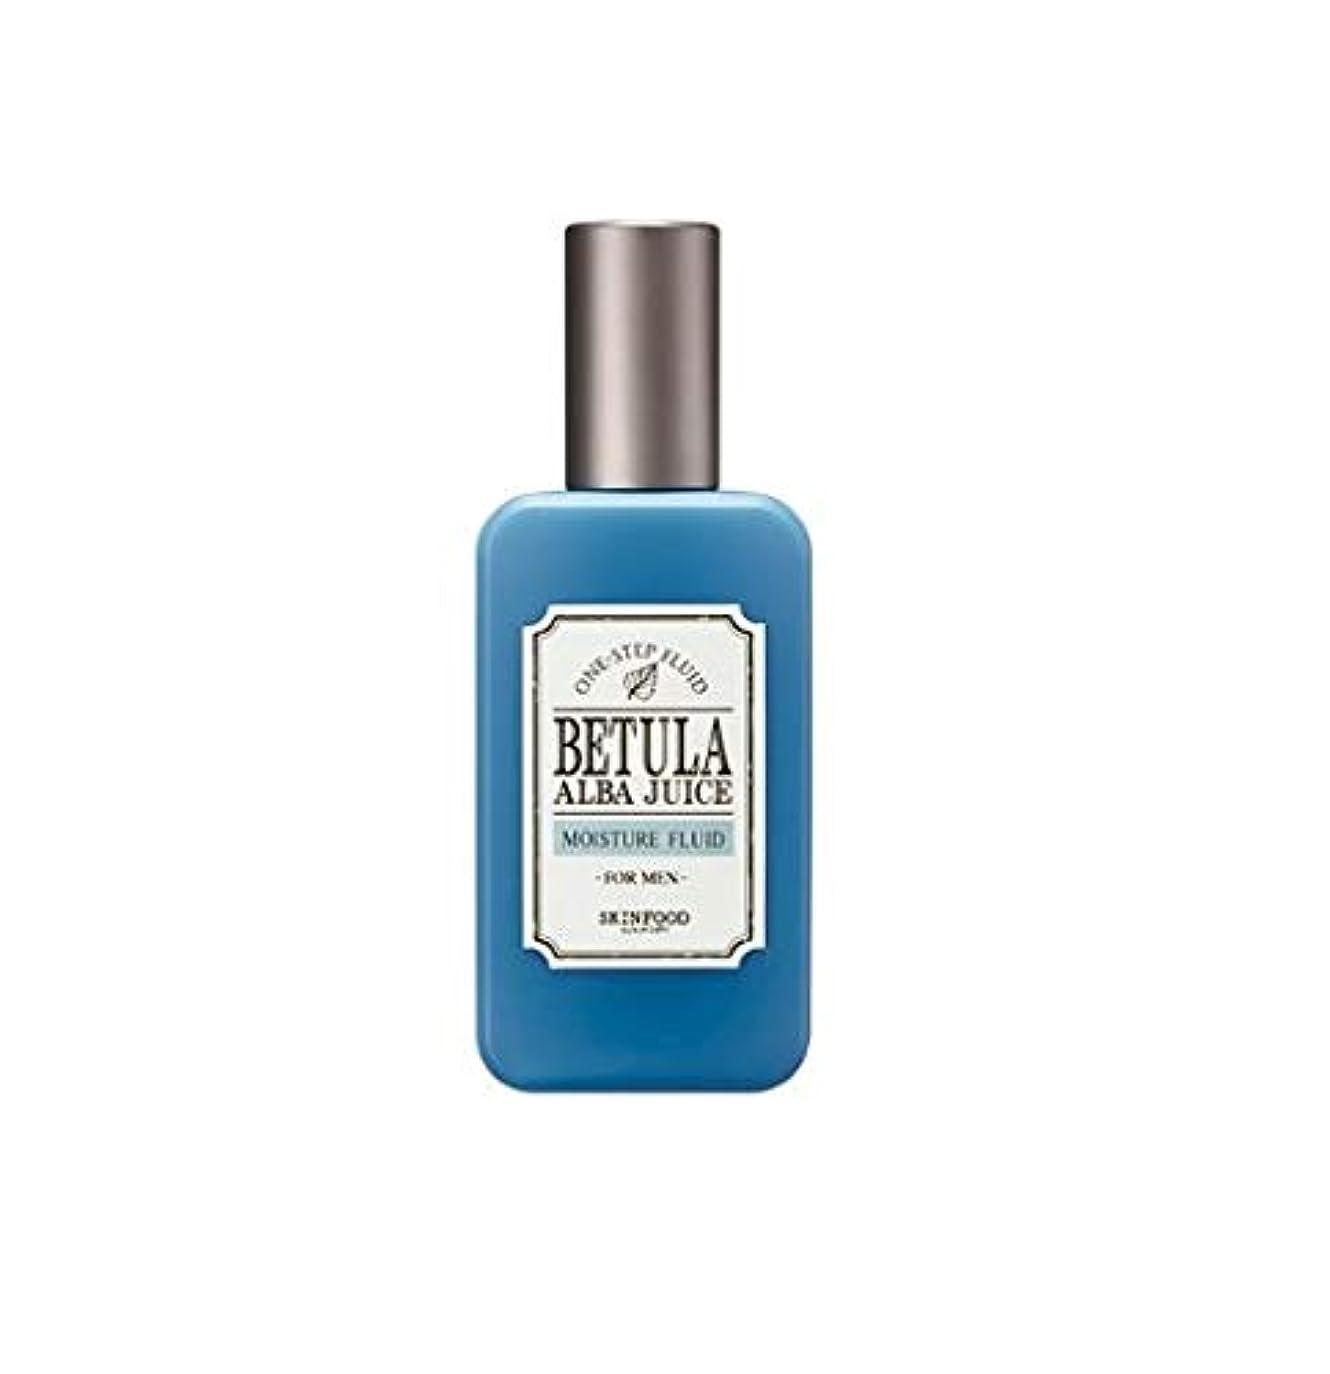 ドキュメンタリーかける引数Skinfood ダケカンバジュース/Betula Alba Juice Moisture Fluid for Men 125ml [並行輸入品]